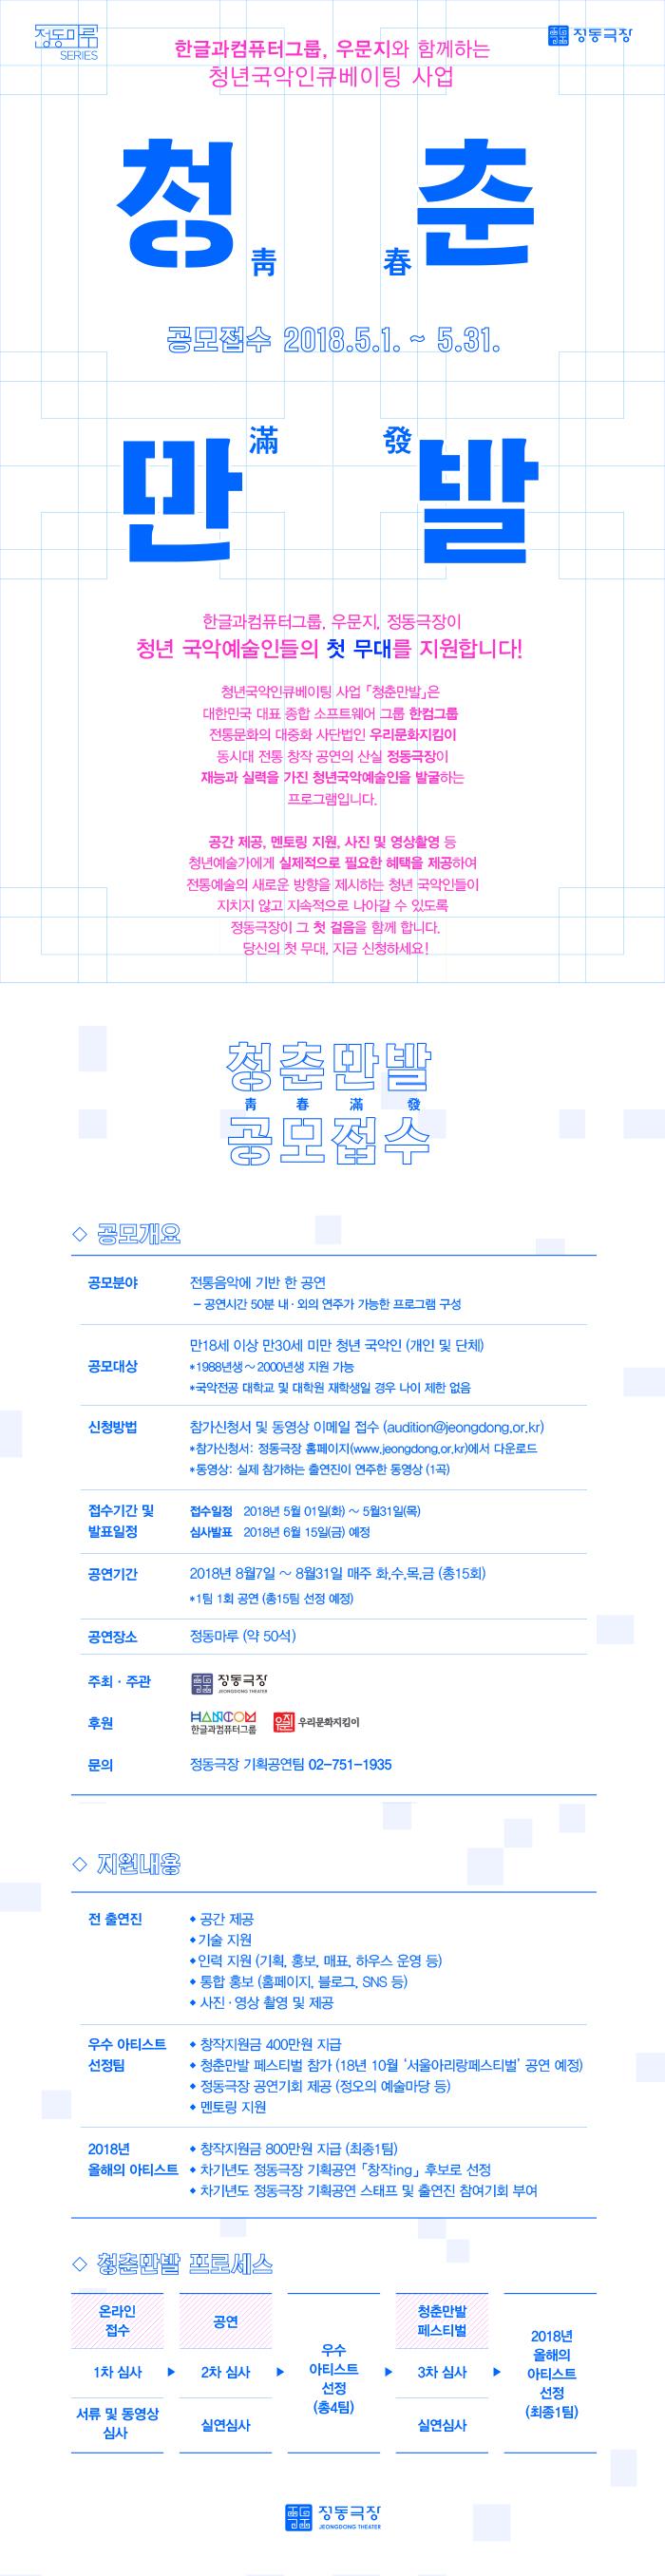 한글과컴퓨터그룹,우문지와 함께하는 청년국악인큐베이팅사업 <청춘만발> 참가작품 공모이미지1